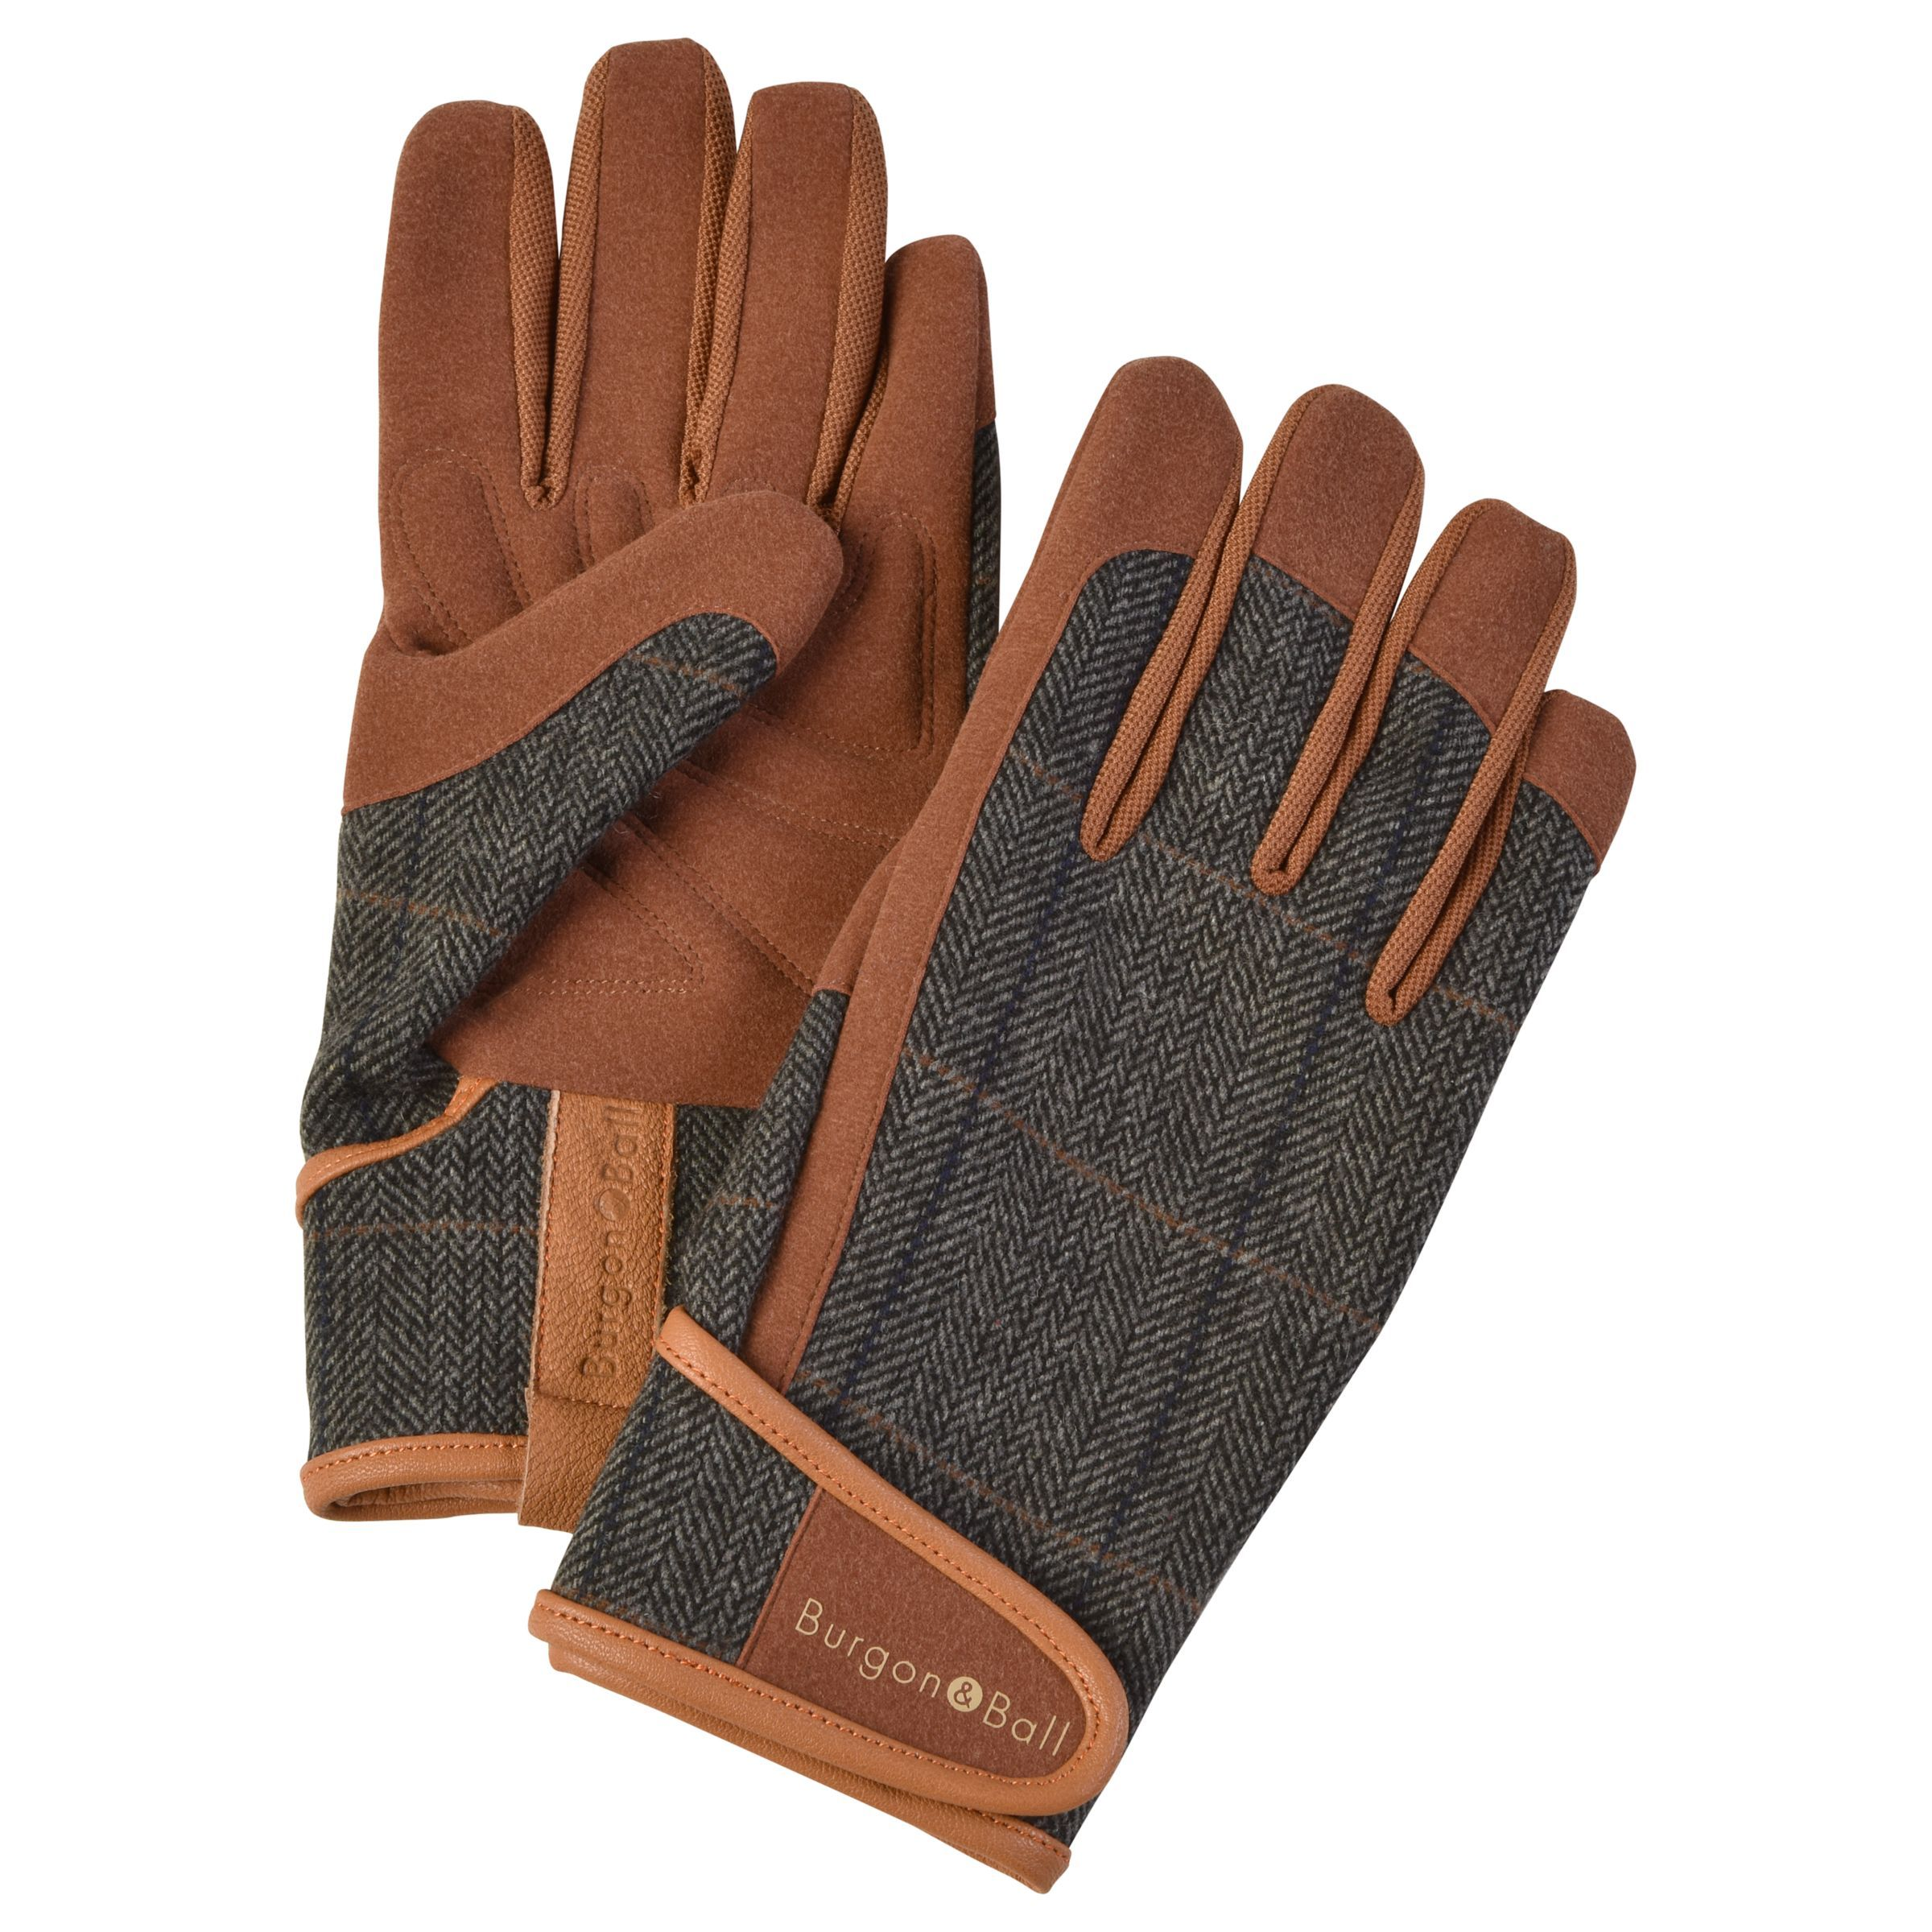 Burgon Ball Tweed Gardening Gloves Large Brown In 2020